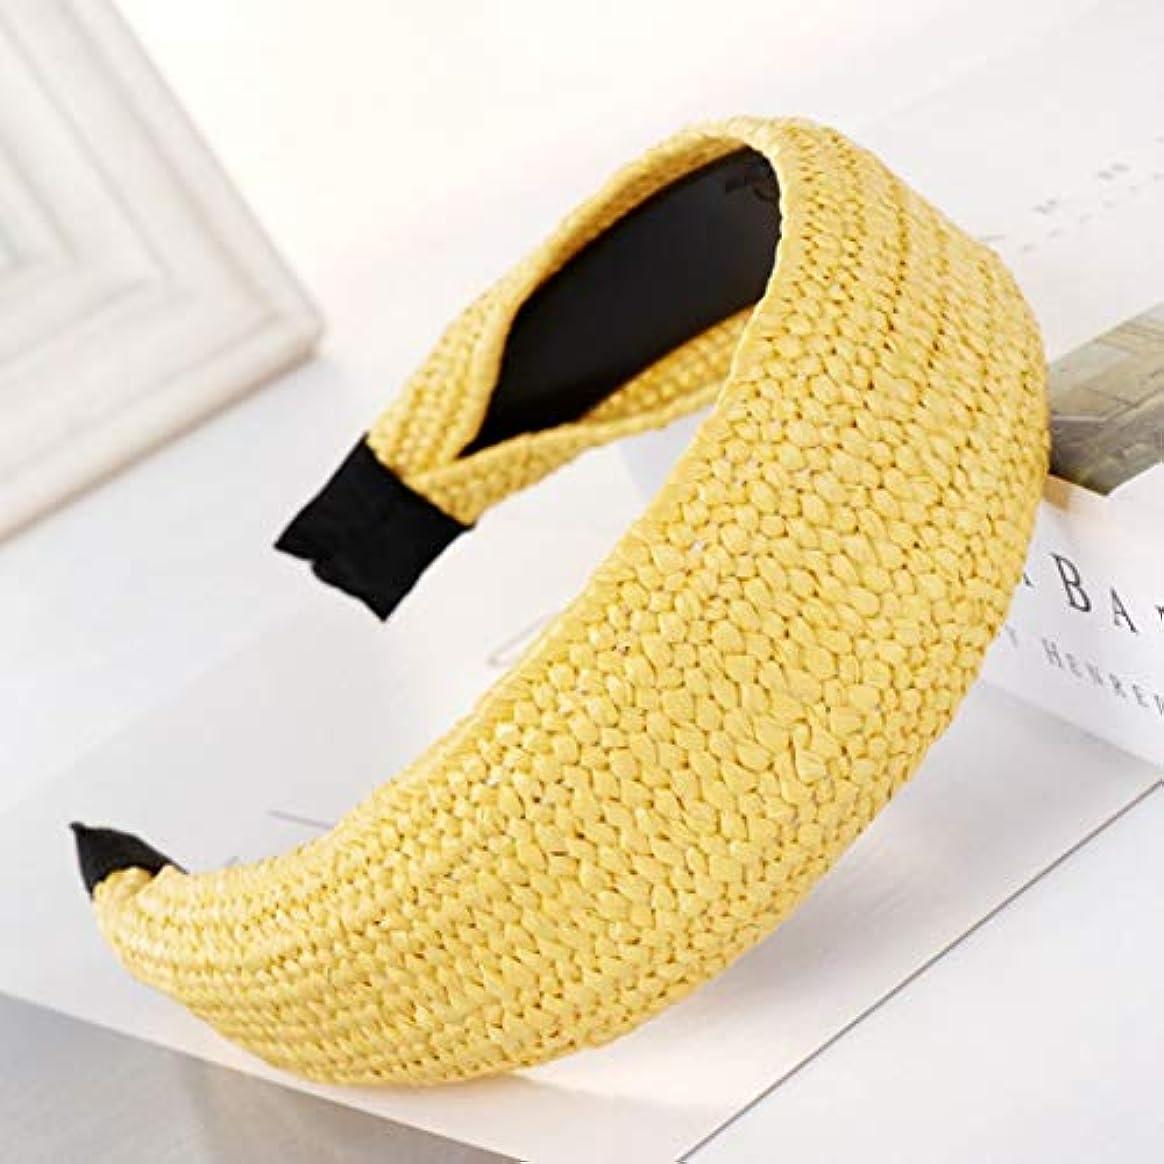 アミューズ徒歩で止まるWadachikis ファッションわら織りヘアバンド結び目ヘッドバンドユニークヘアフープヘアアクセサリー(None 平板黄色)